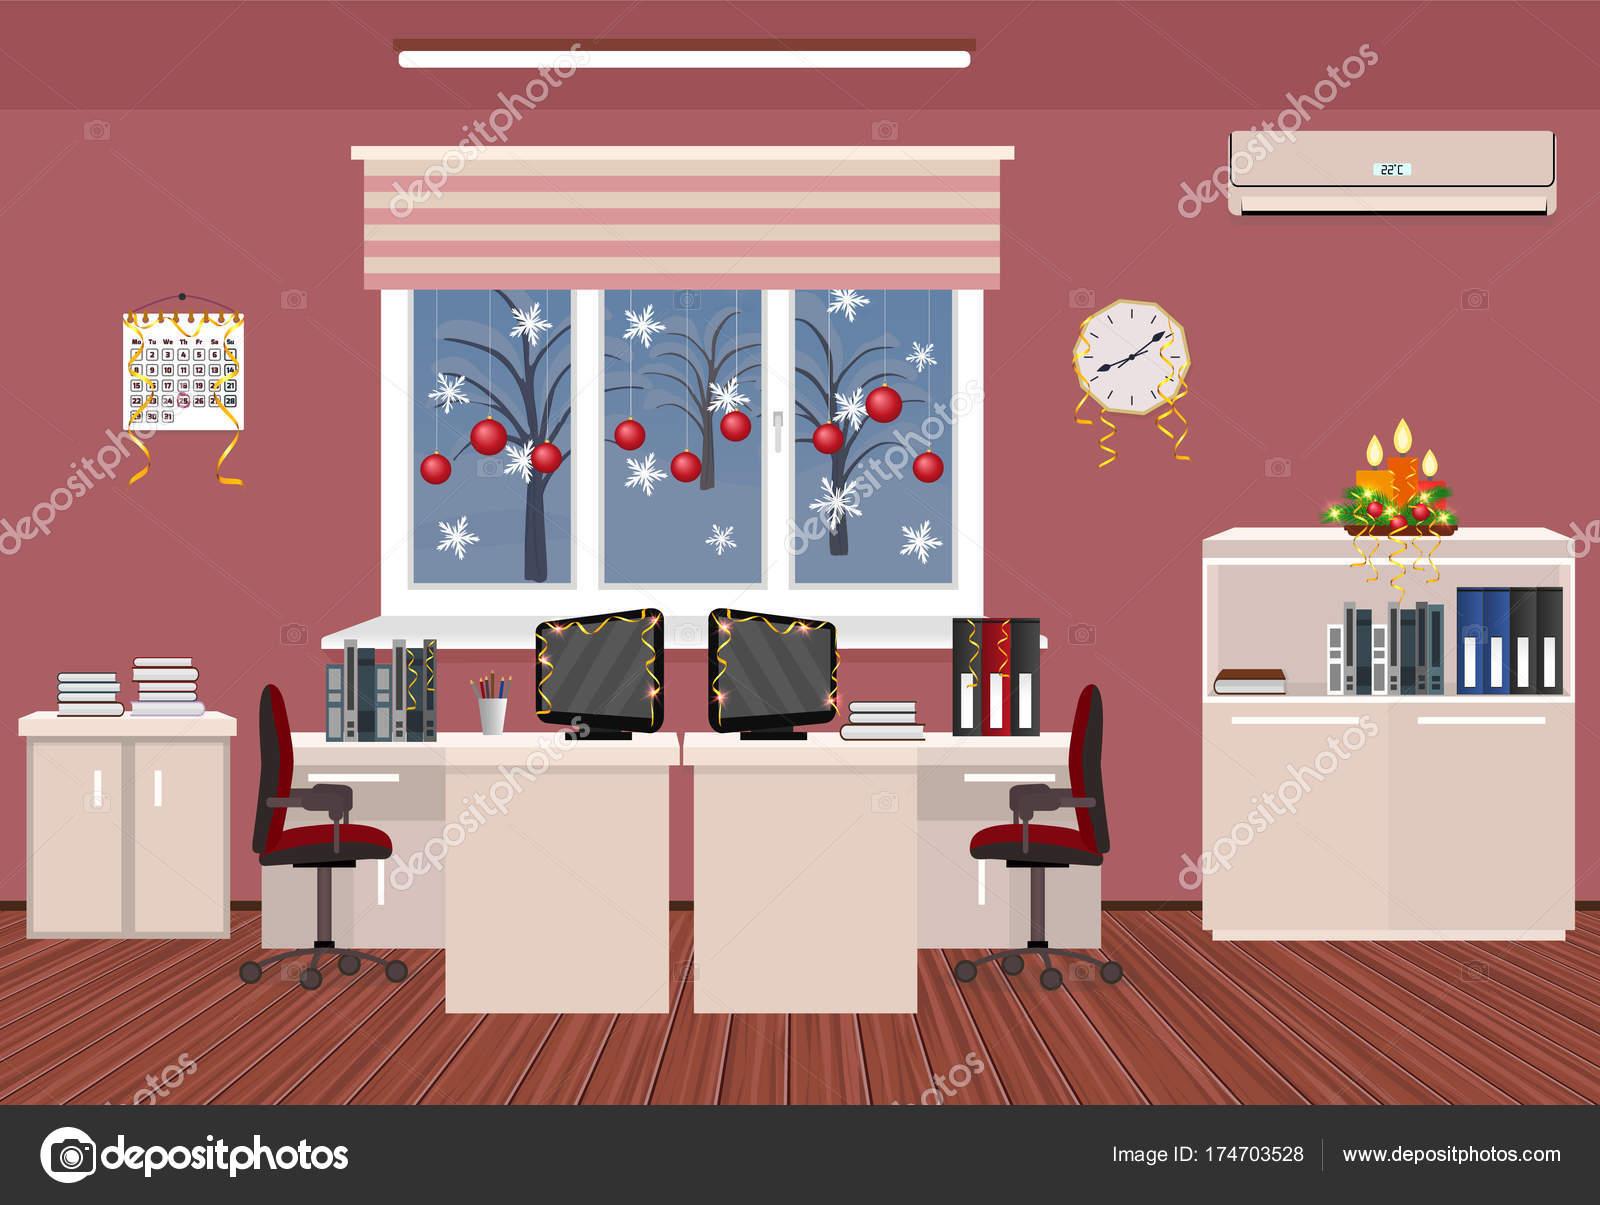 Ufficio Disegno Yoga : Interiore di camera di vacanza dellufficio. disegno di natale di